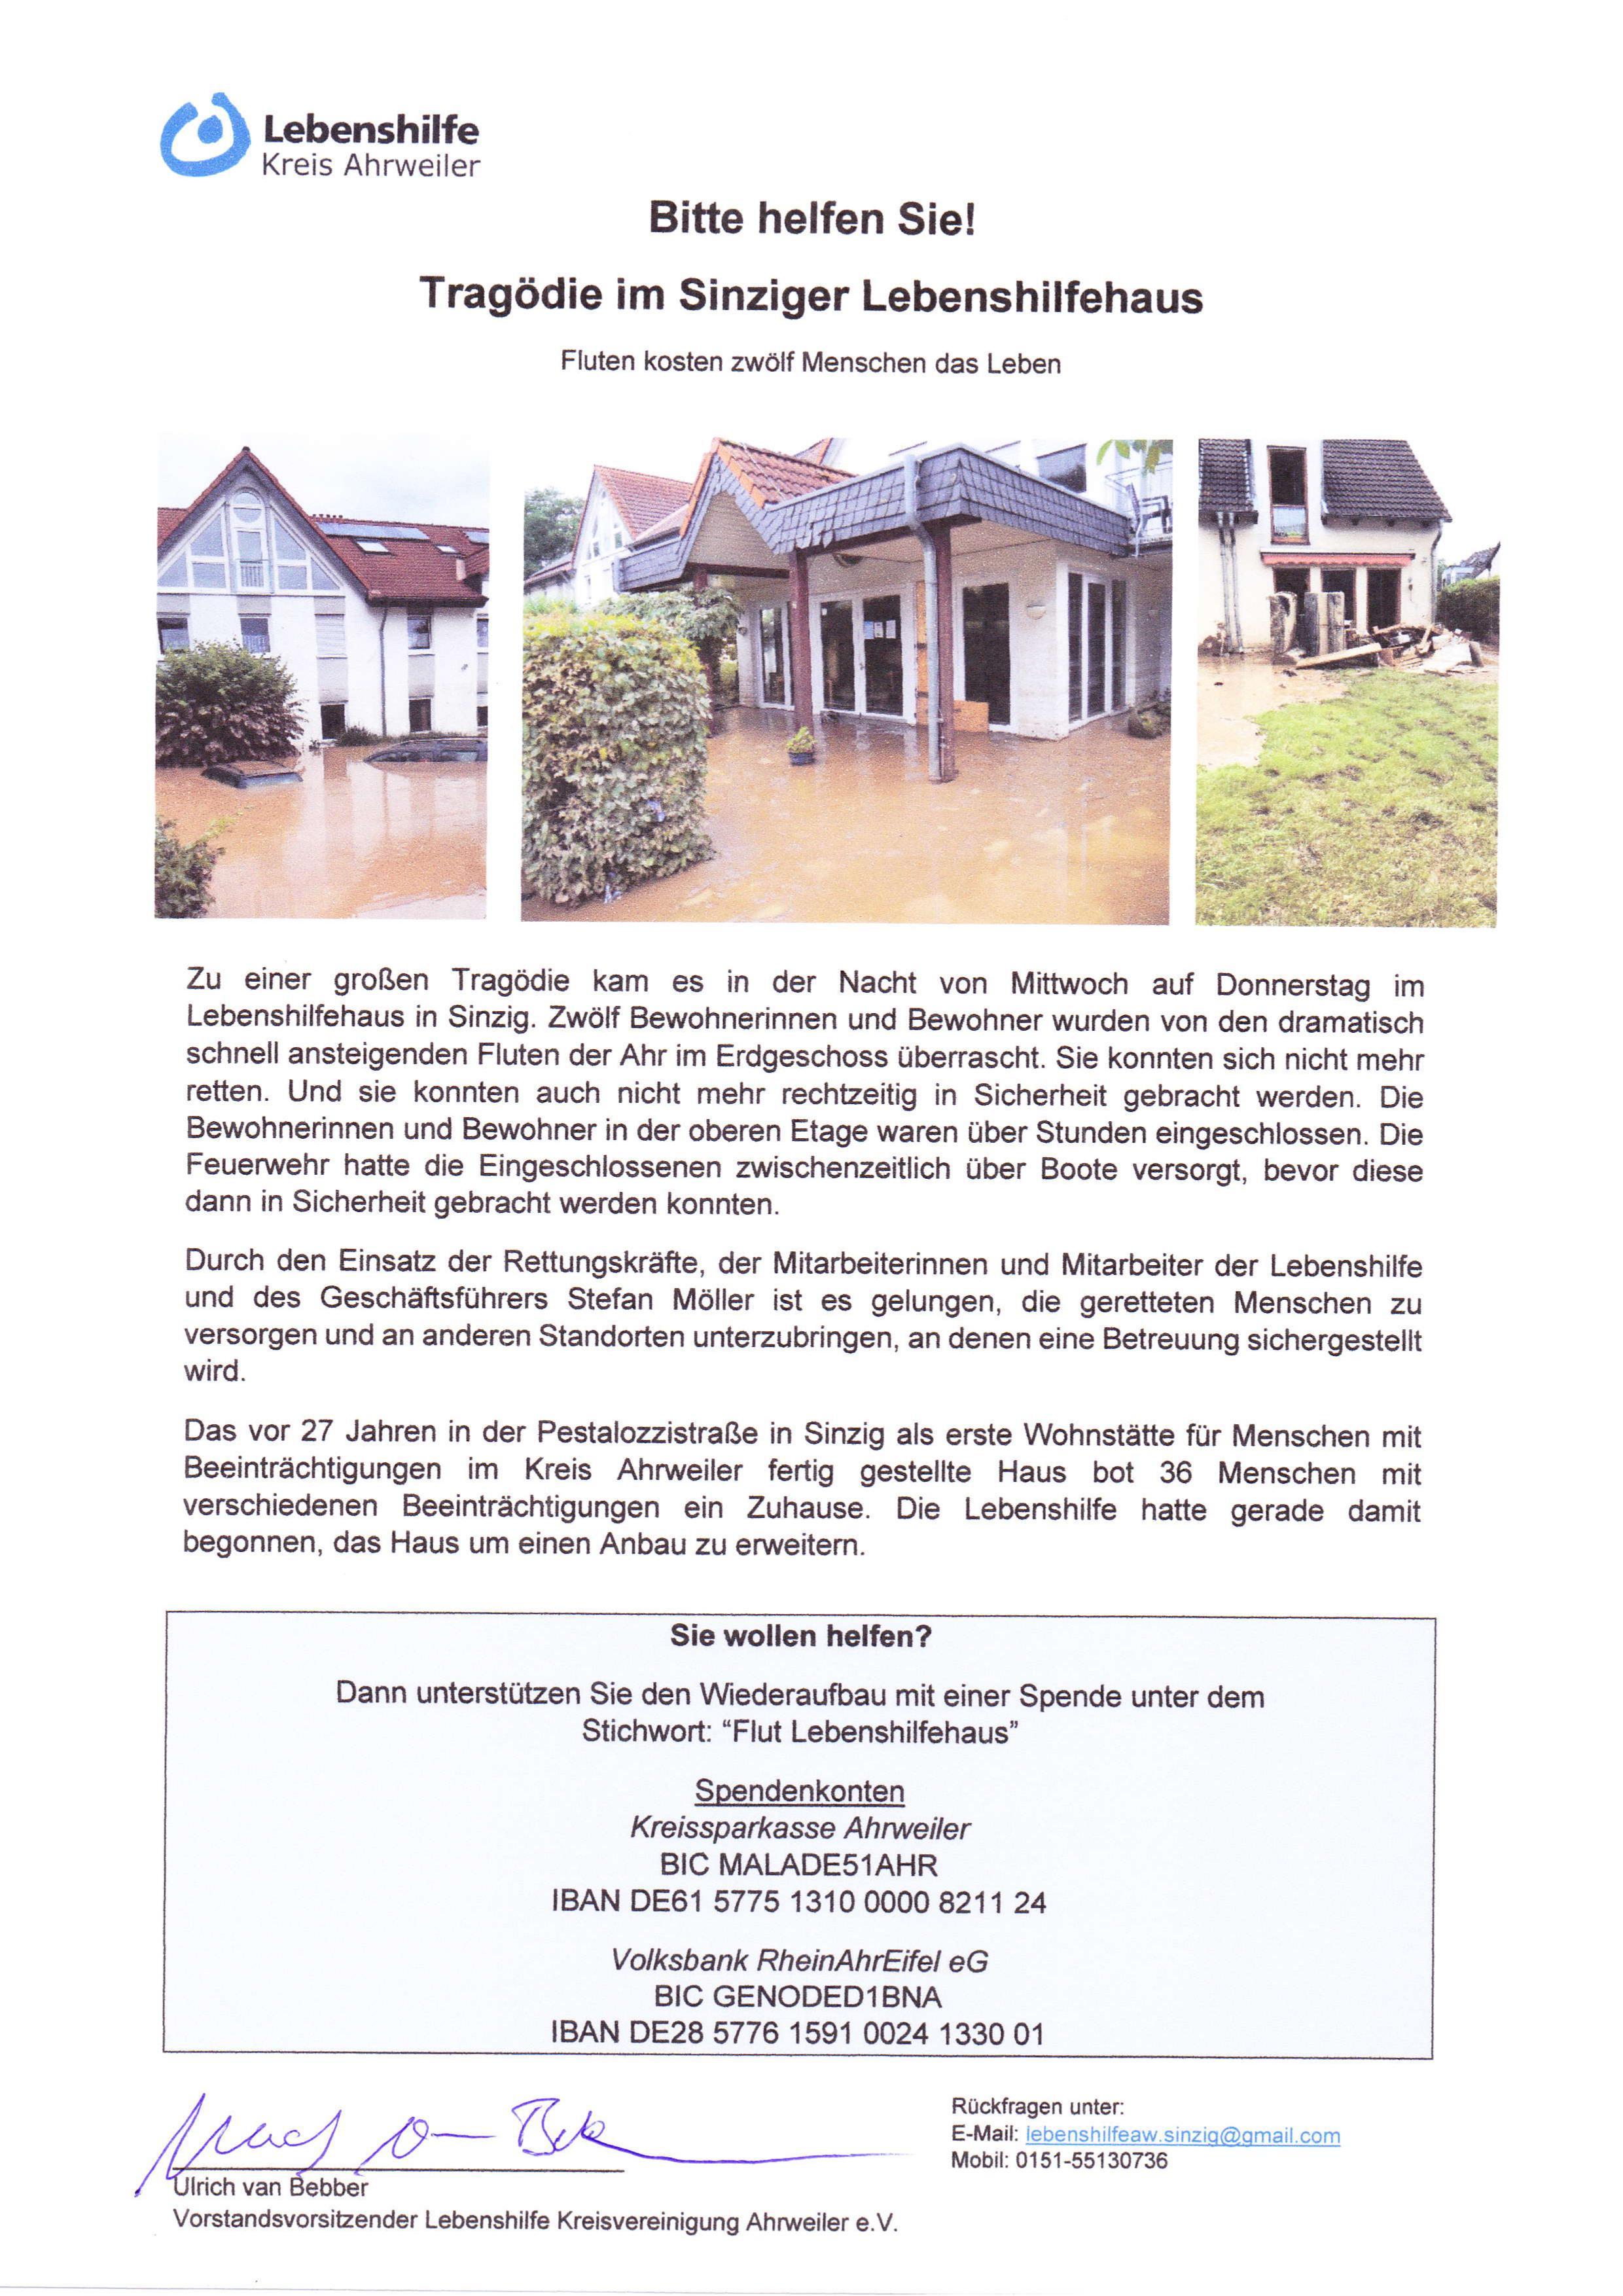 2021-07 Spendenaufruf Tragödie im Lebenshilfehaus Sinzig